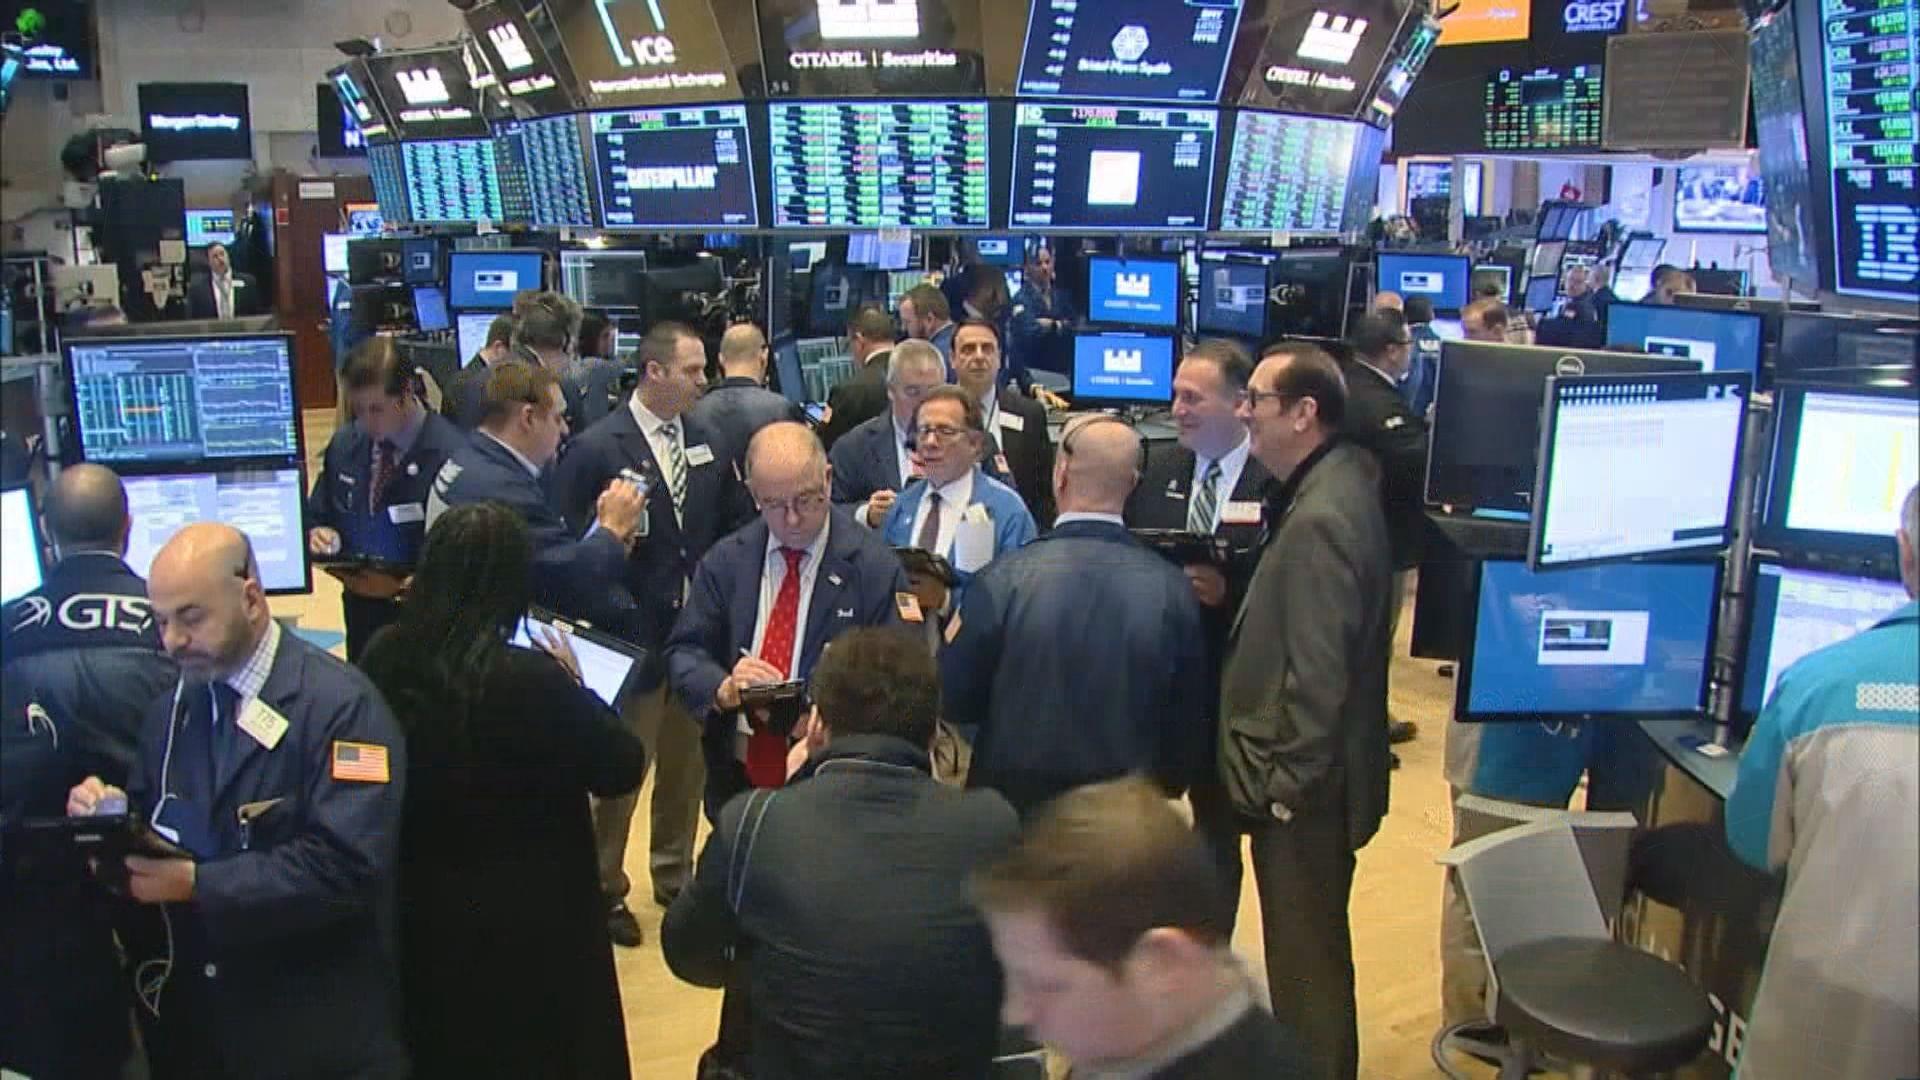 美股升 因中美對達成貿易協議發放正面訊號